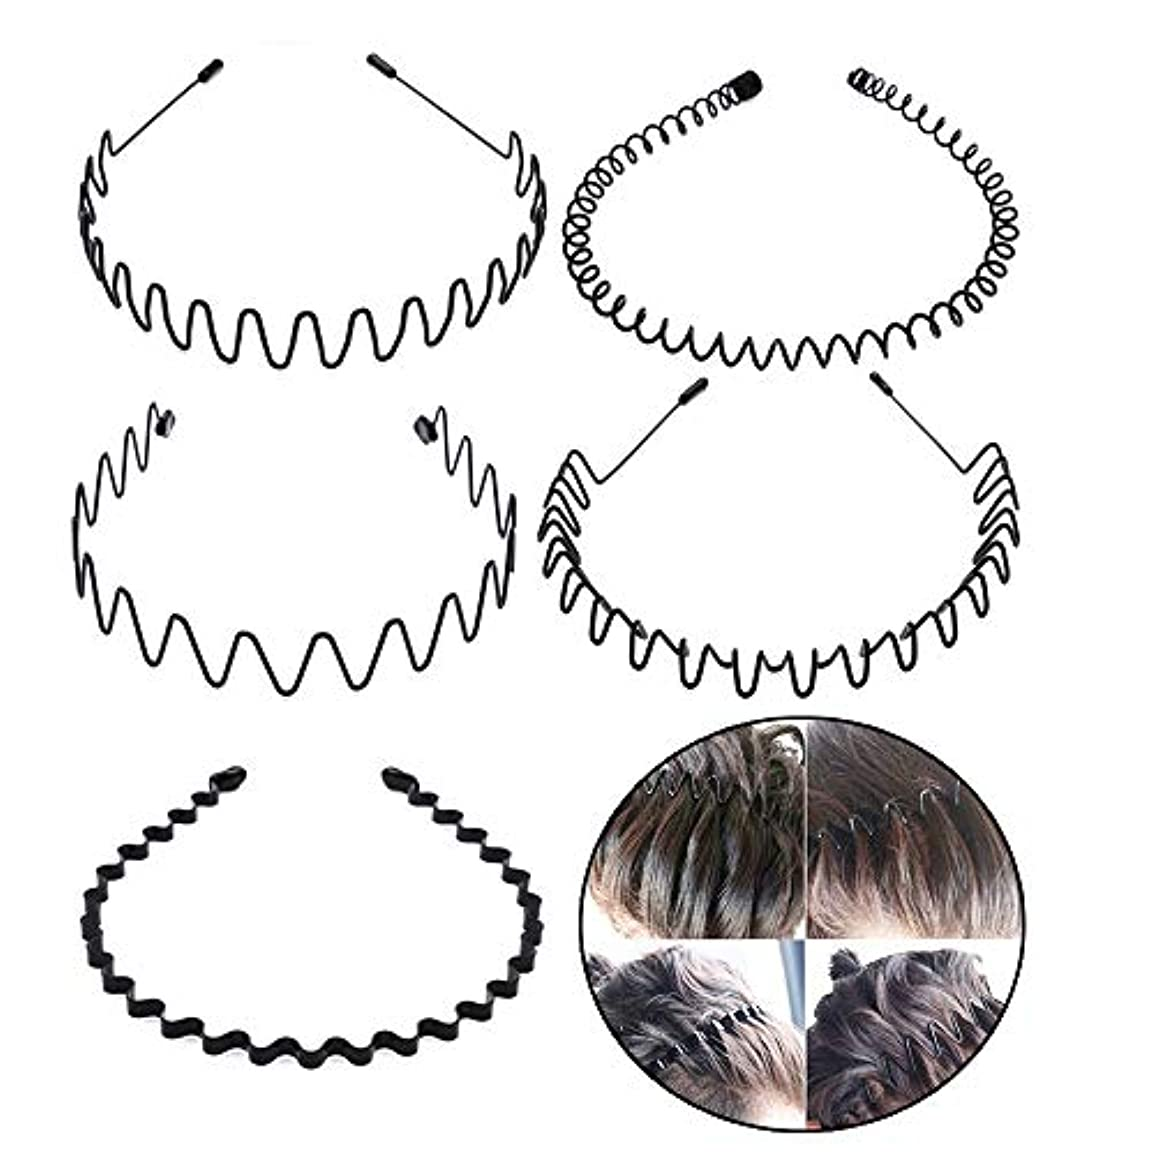 キャメル会計士意気込みシンプル ウェーブ カチューシャ 5種類セット ヘアバンド メンズ レディース 男女兼用 髪留め ヘアアクセサリー 黒